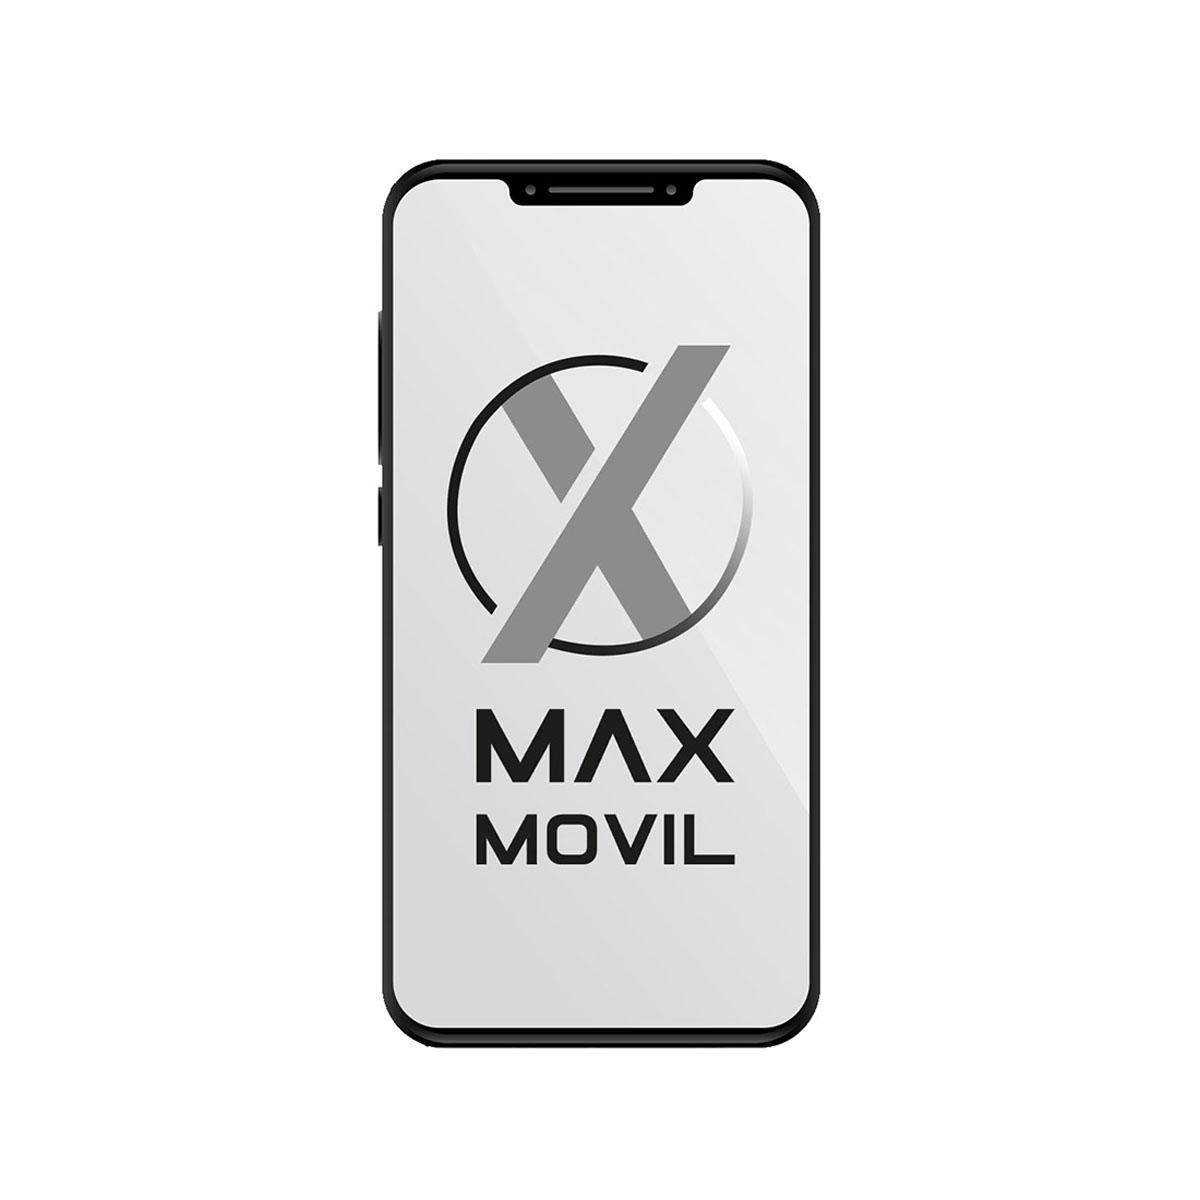 6123f1ac508 Comprar iPHONE 6 64GB oro REACONDICIONADO · MaxMovil ⓴⓳